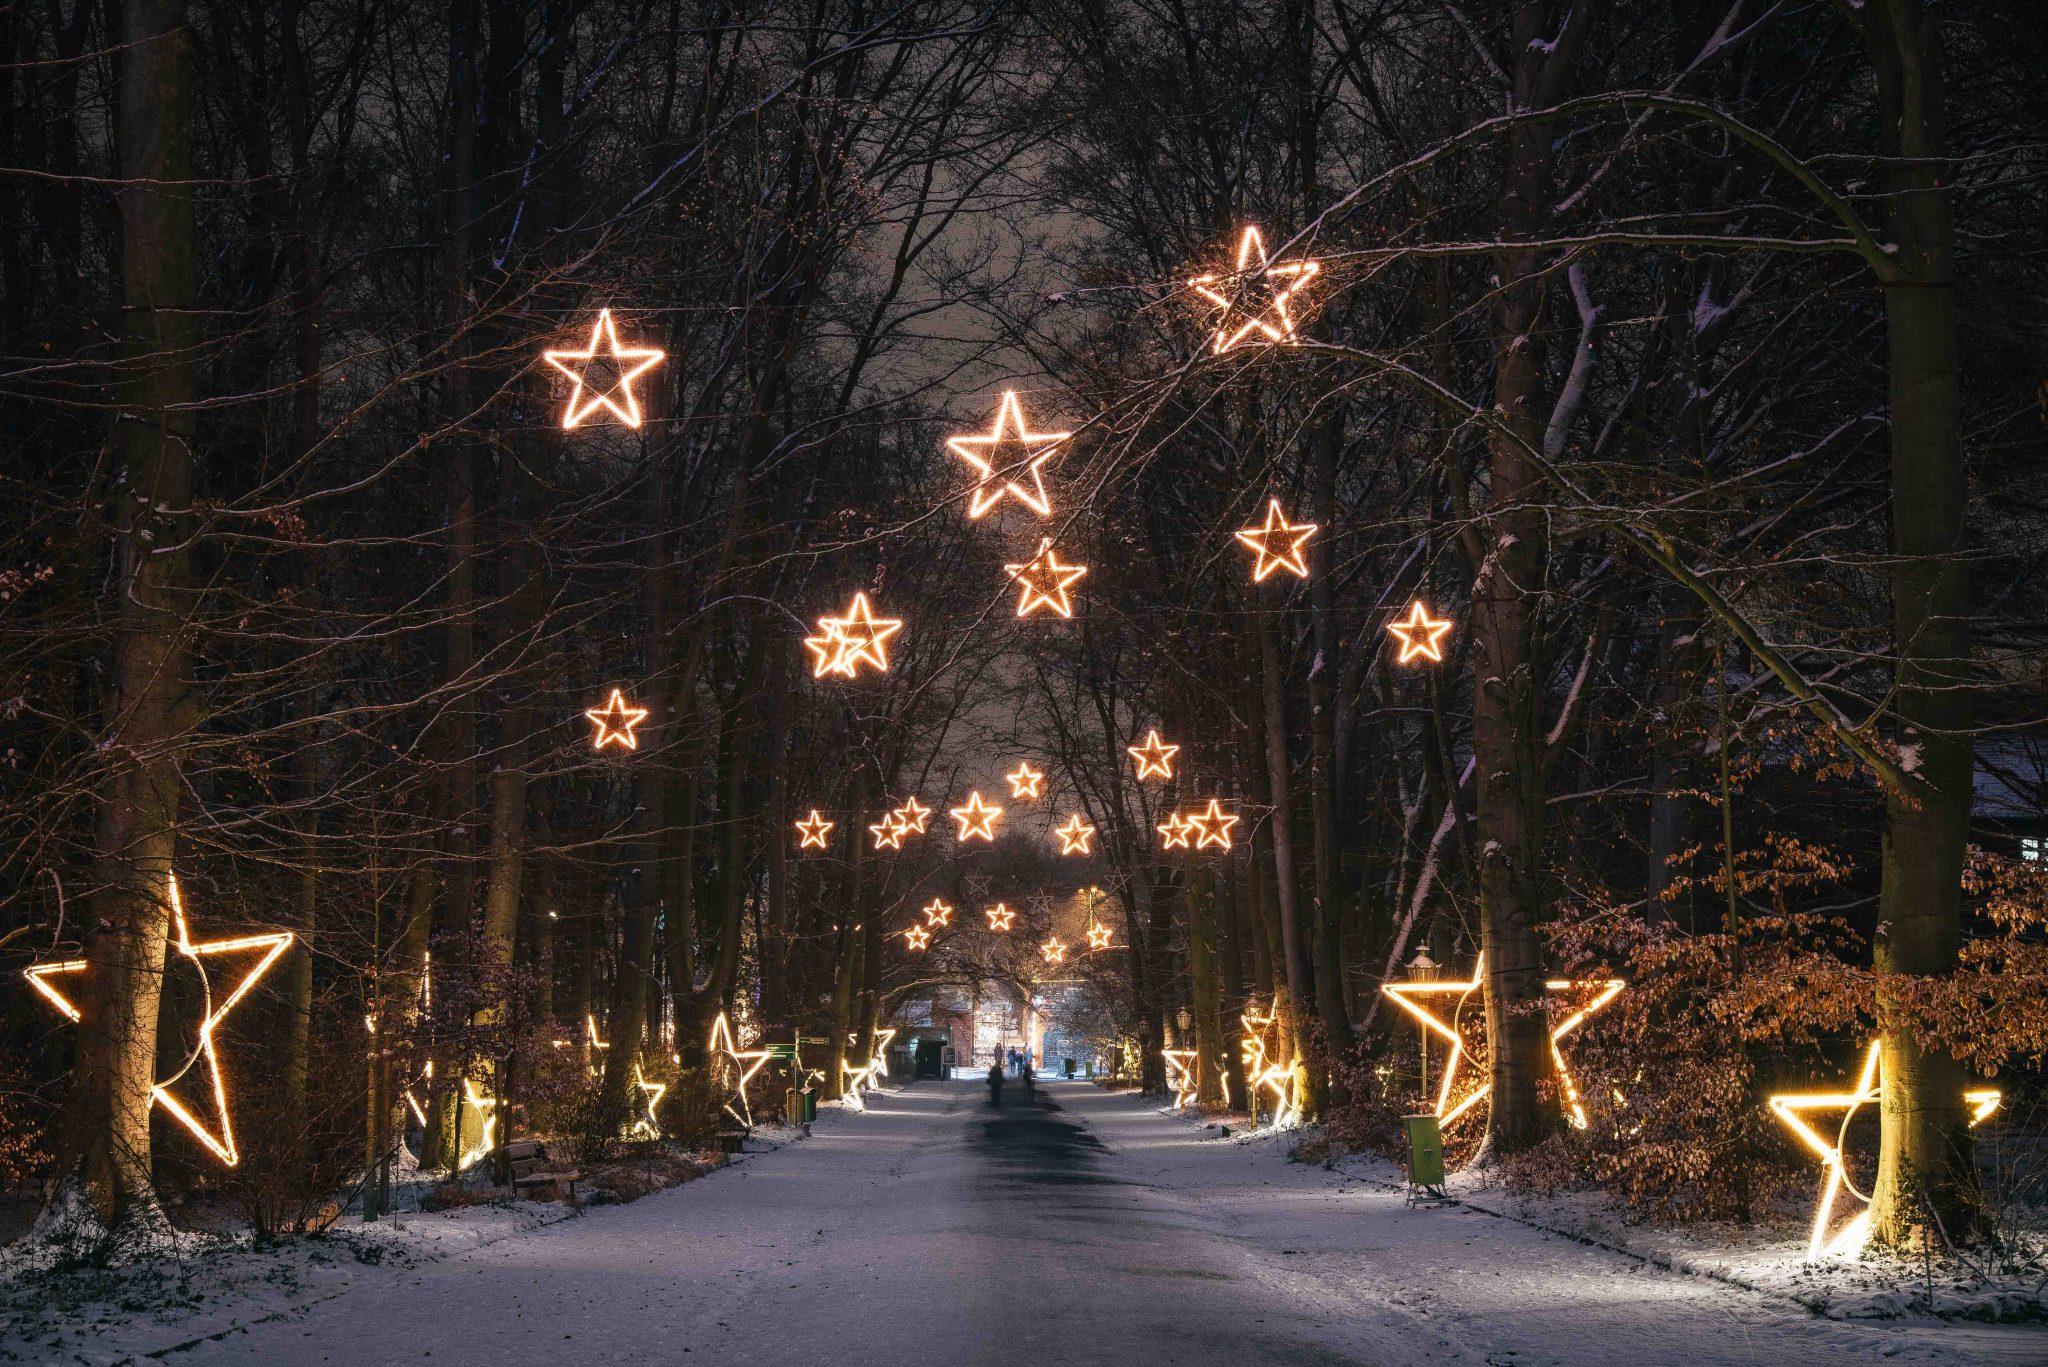 christmas garden illuminiert die wilhelma in weihnachtlichem glanz freunde und f rderer der. Black Bedroom Furniture Sets. Home Design Ideas